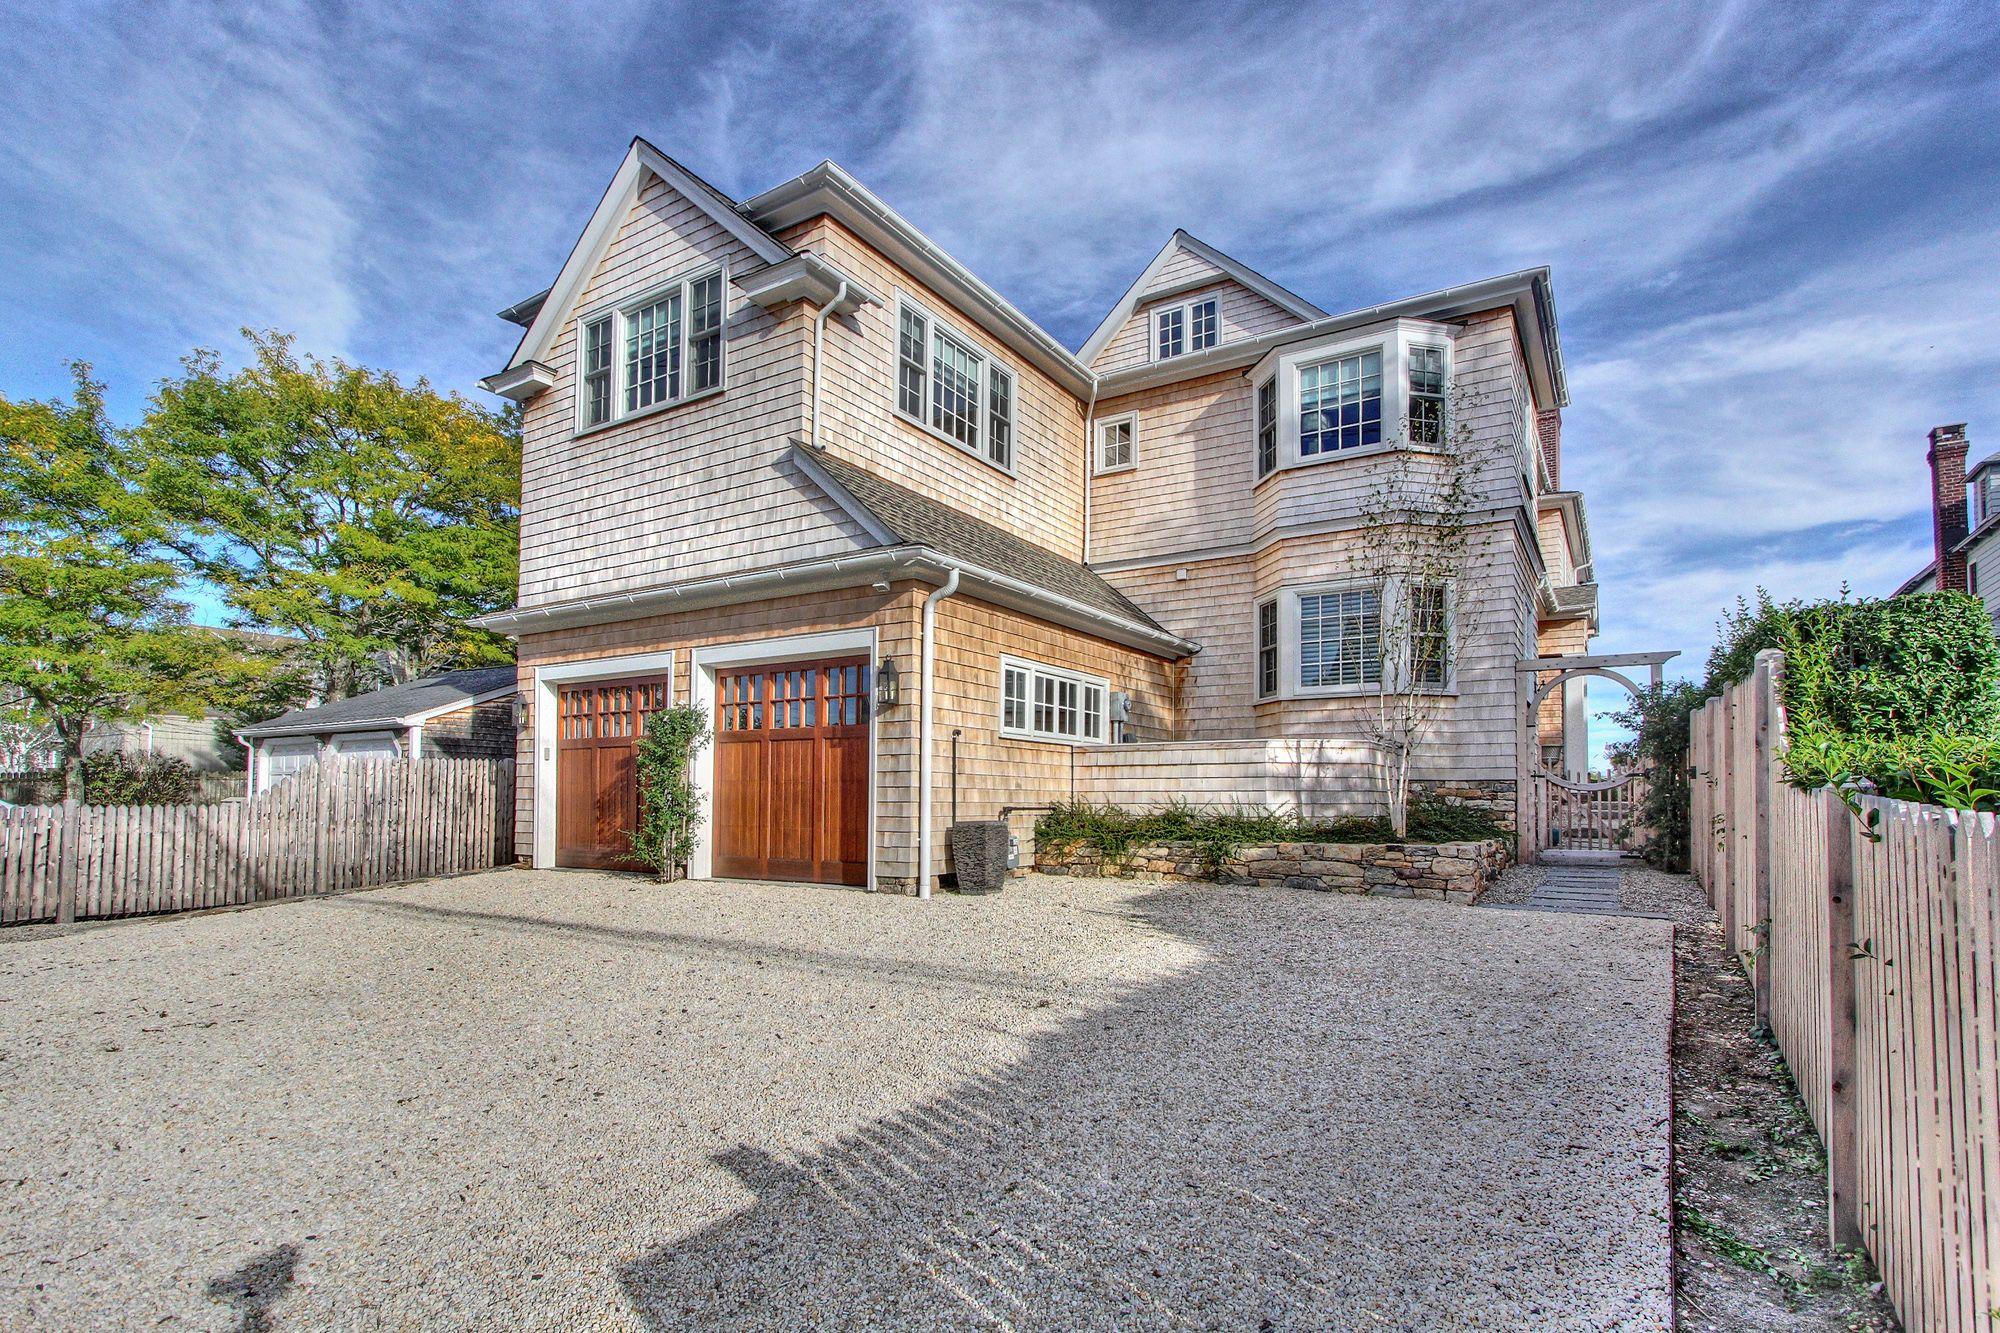 Fairfield Beach House Waterfront Homes Fairfield Beach House Styles